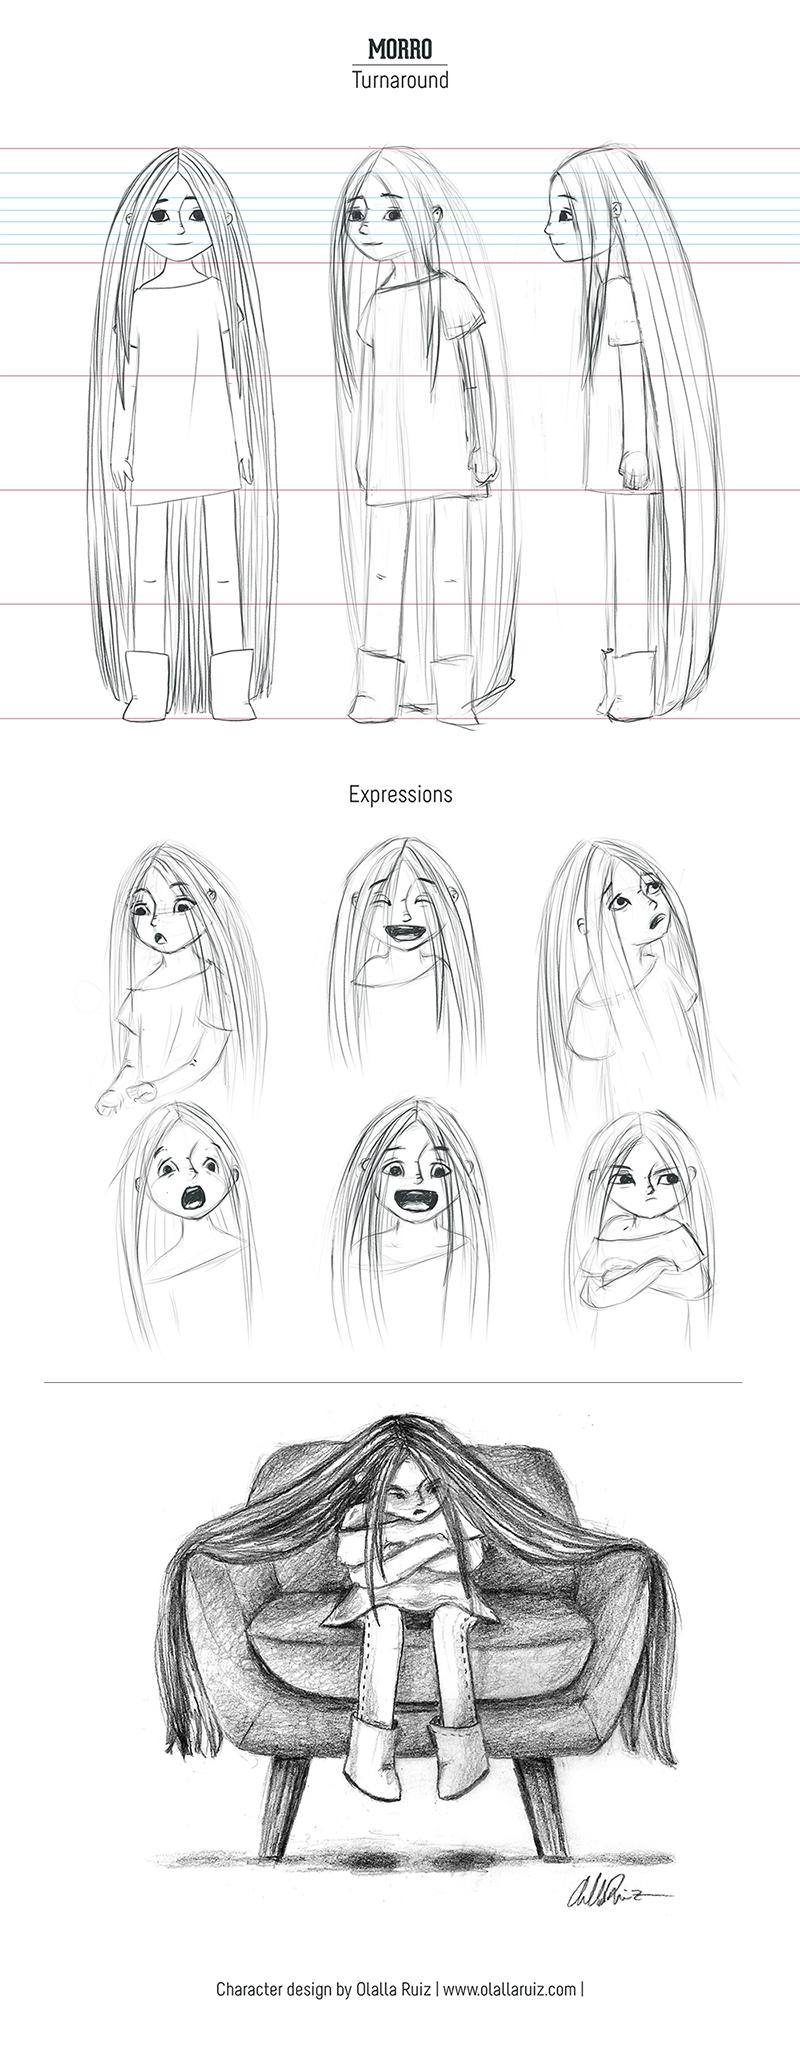 Diseño de peronajes: turnaround, expresiones